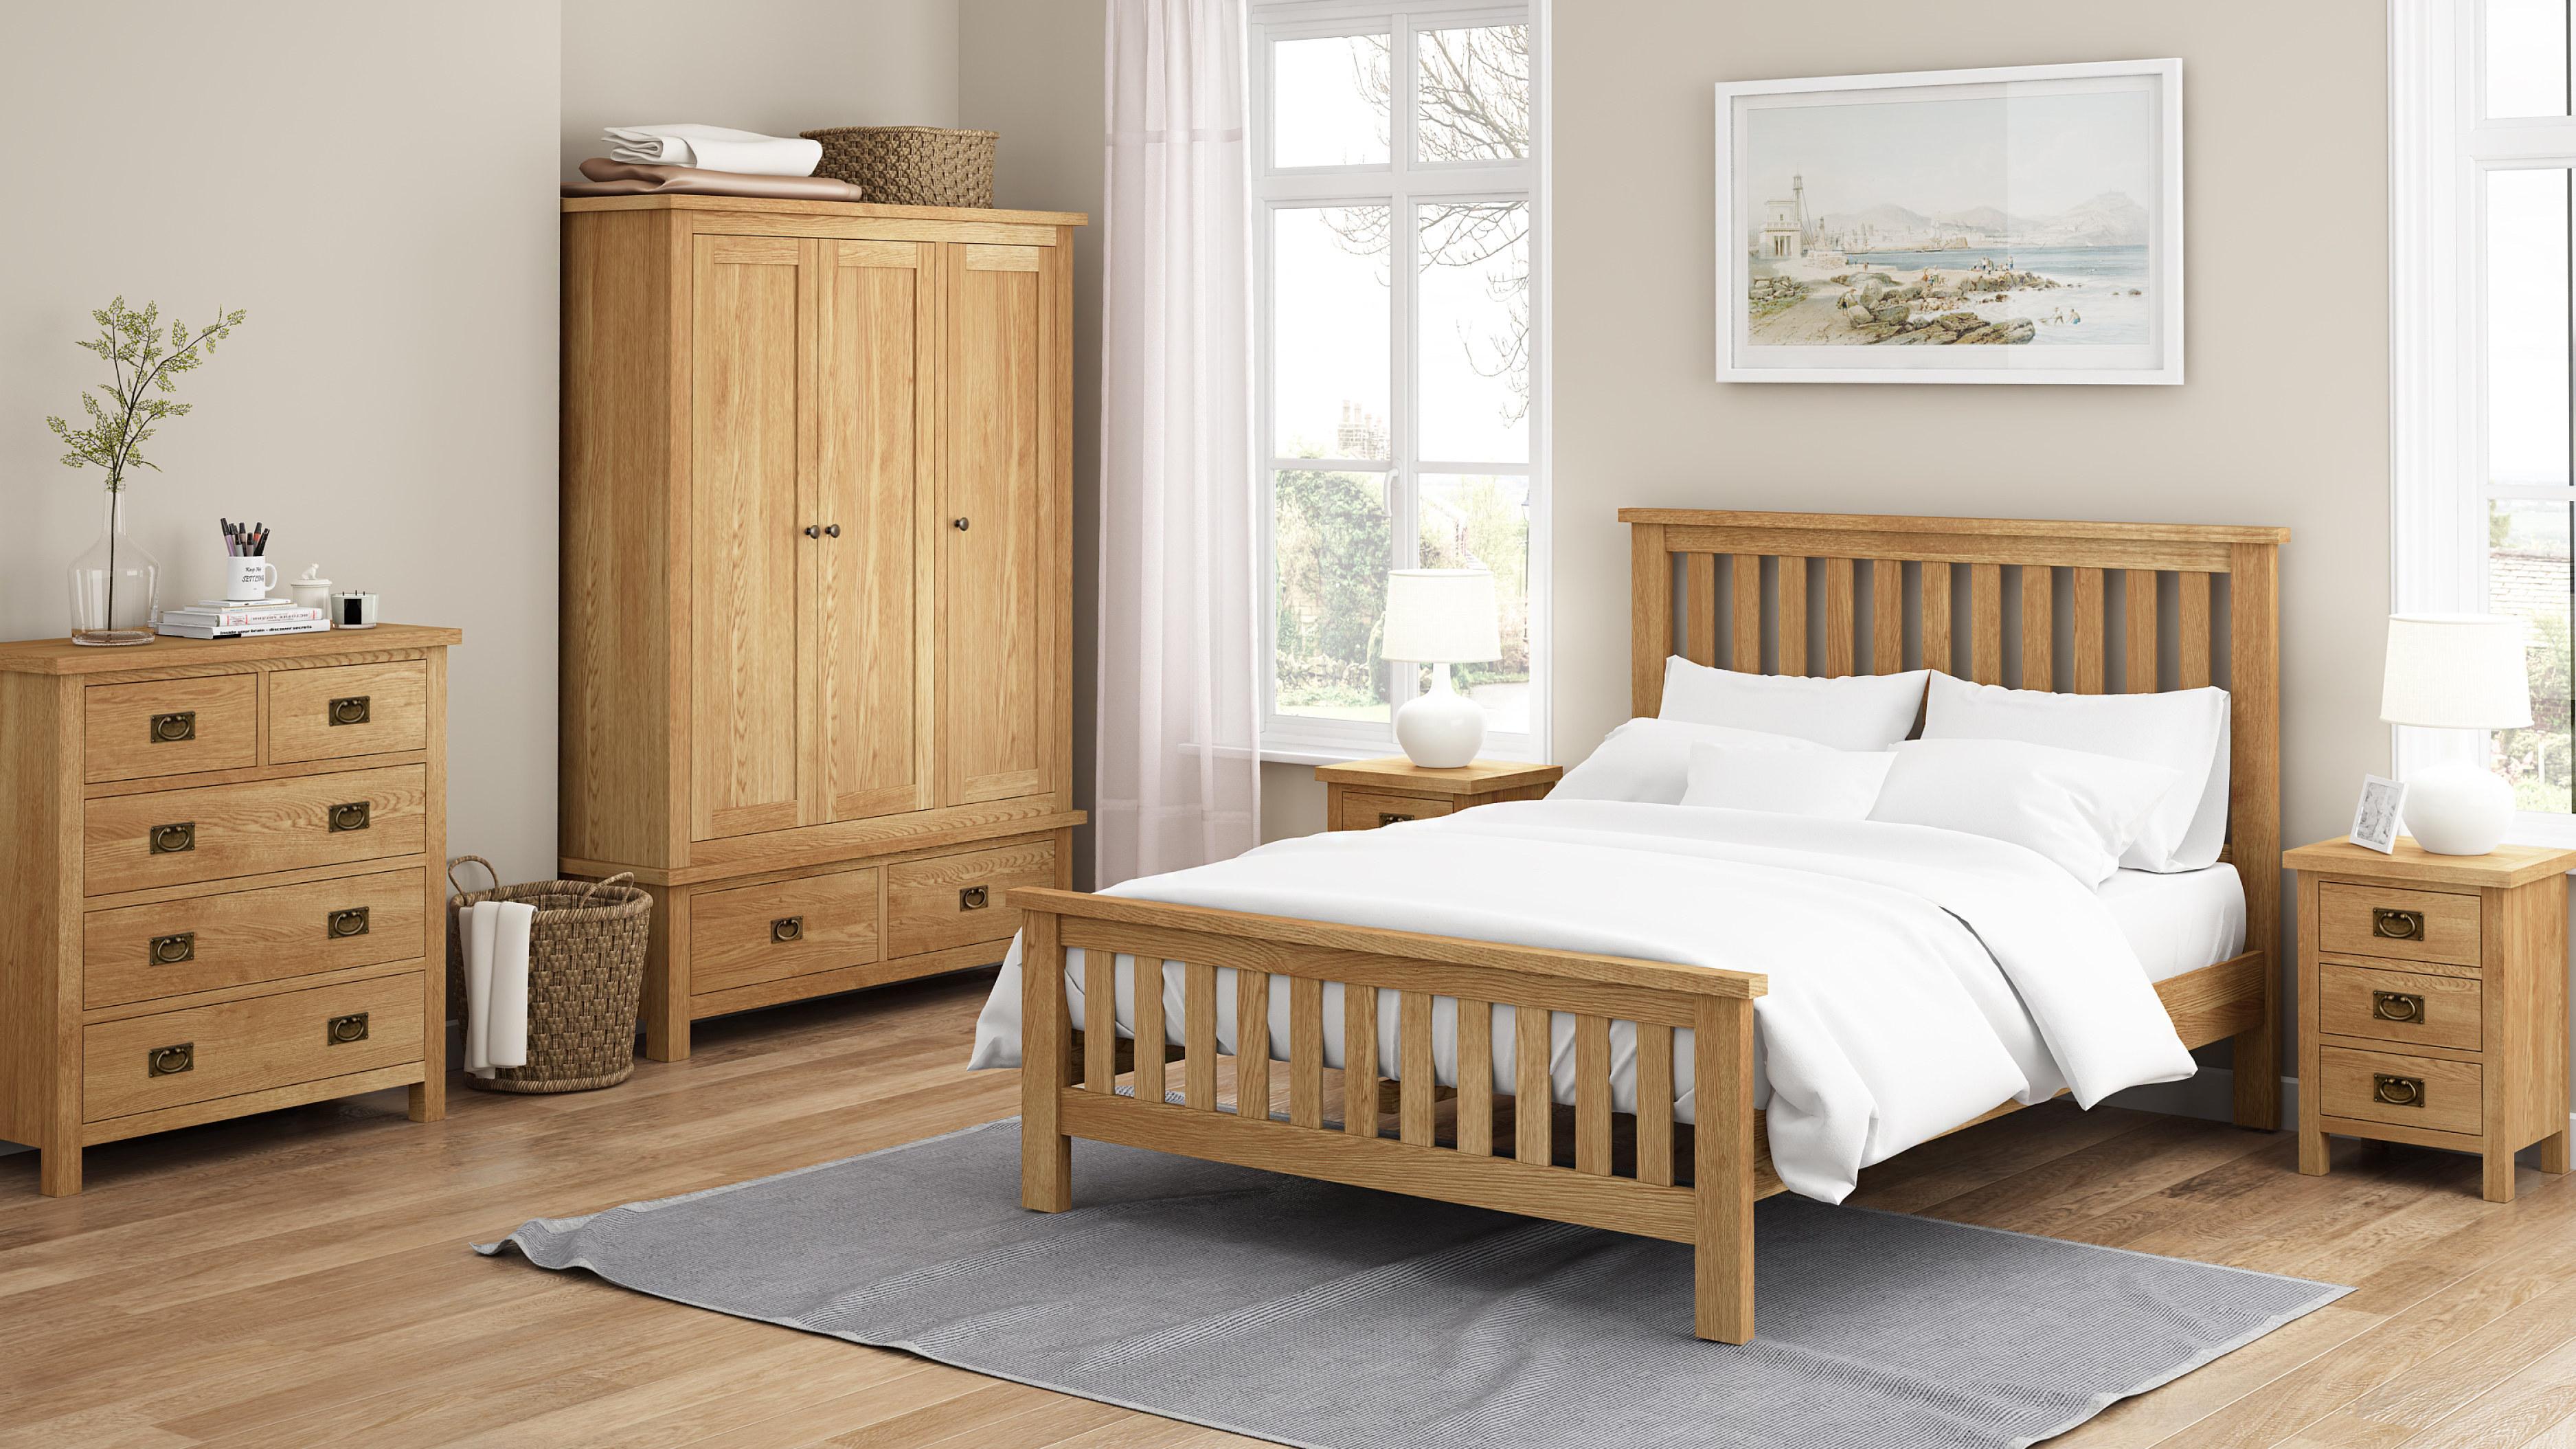 Rustique Home London Lite Rustic Oak Oak Collection